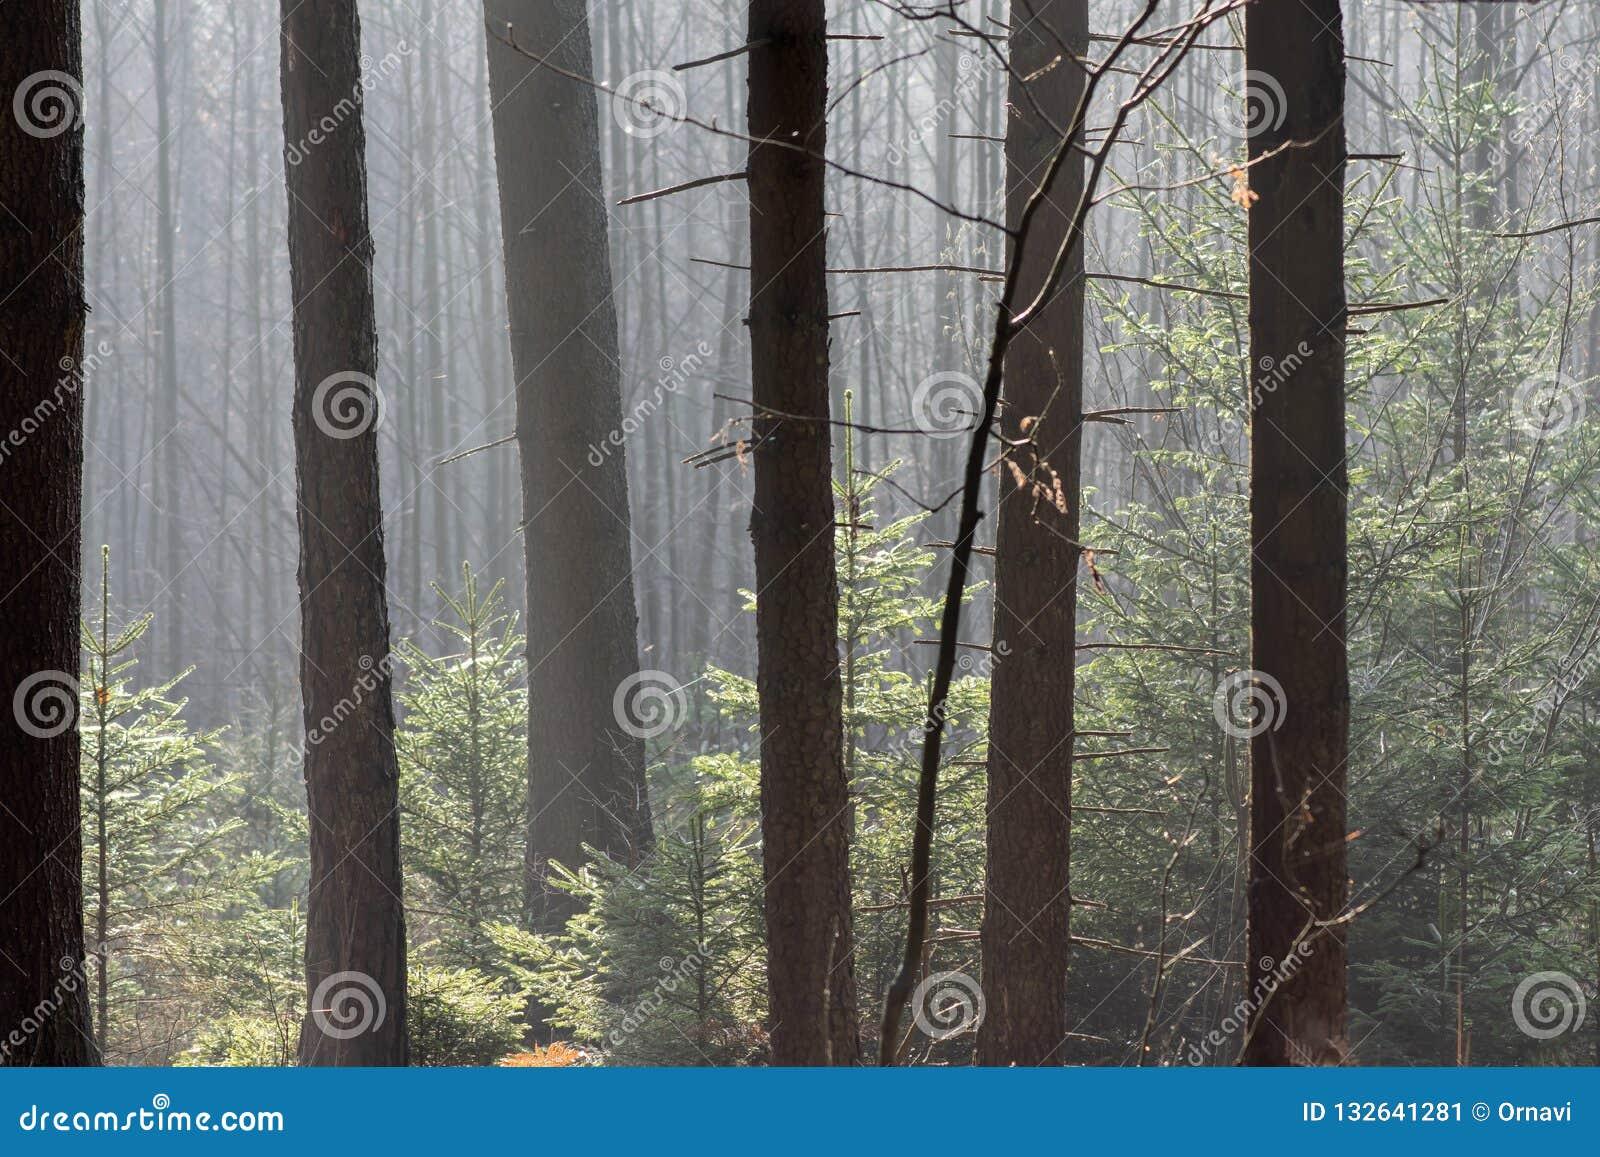 Foresta di conifere spessa in autunno I raggi traslucidi del sole cadono delicatamente sui tronchi degli alberi